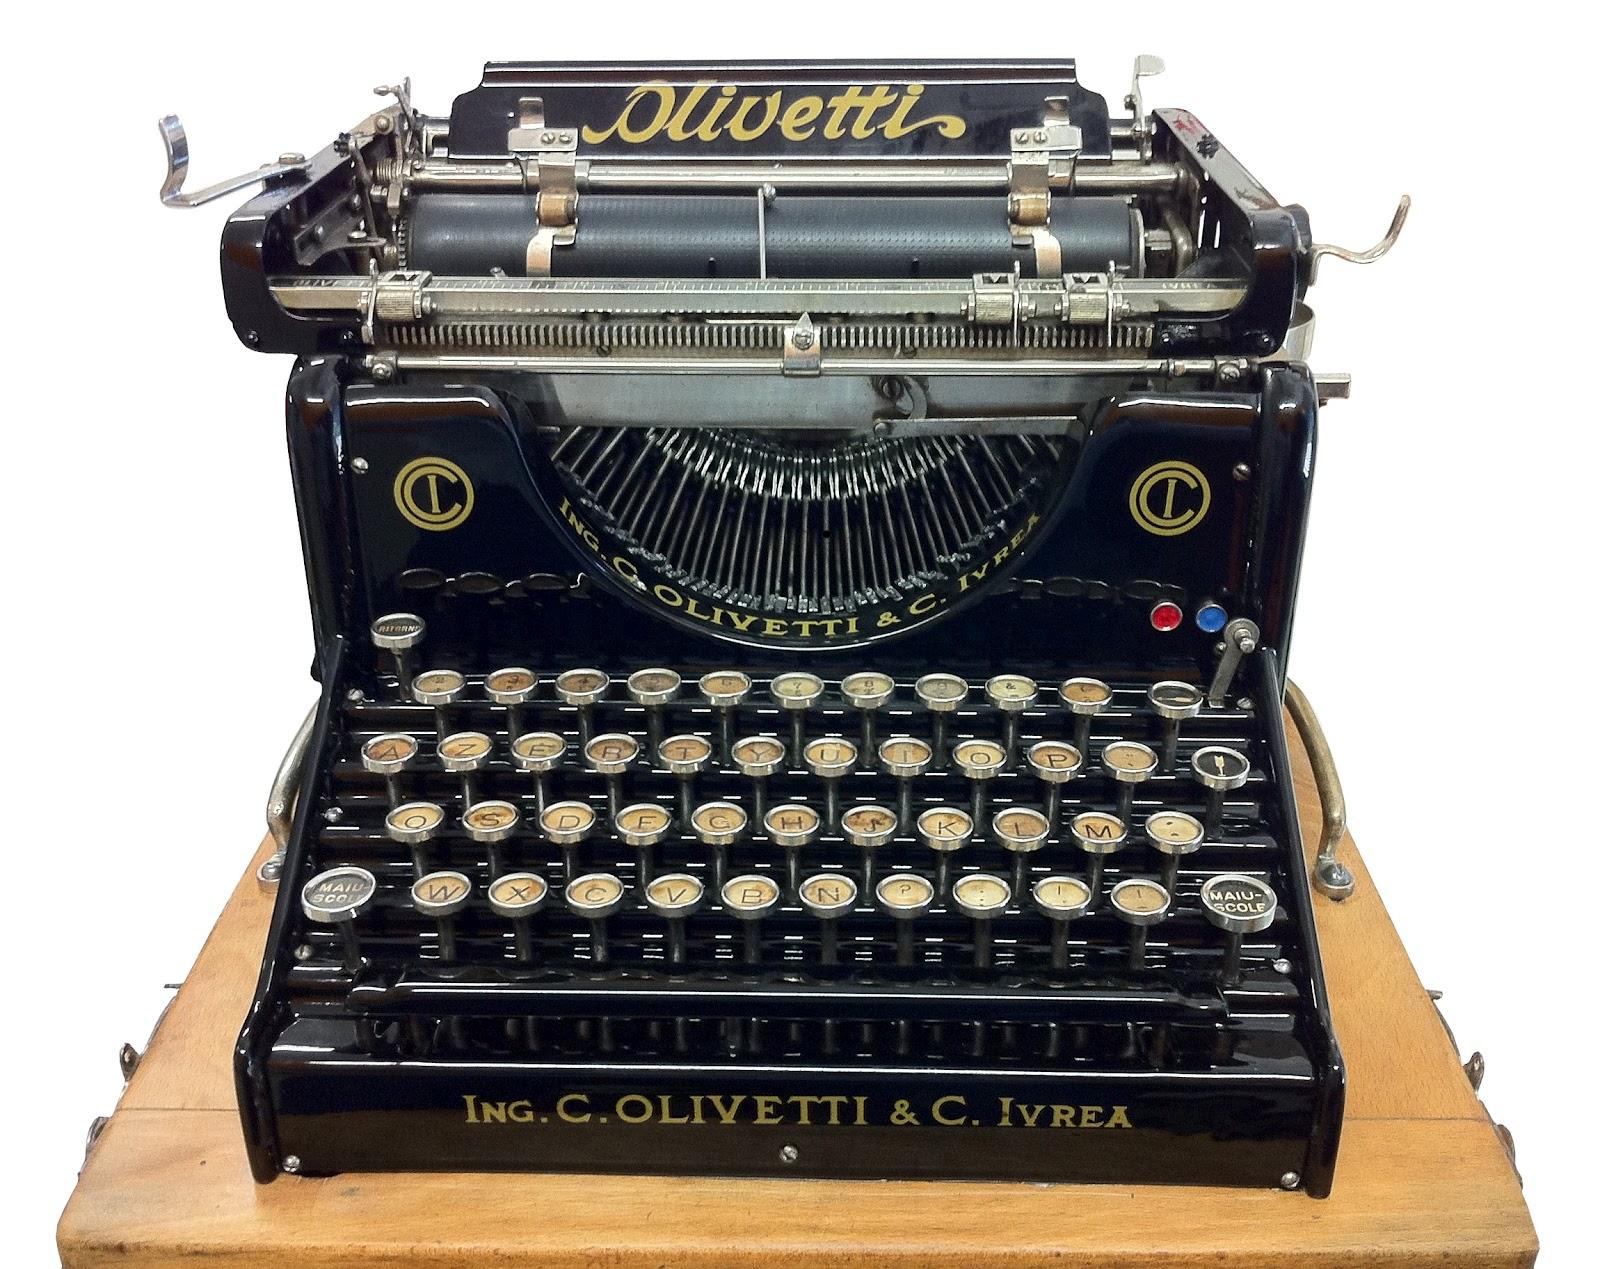 Macchine da scrivere: come ripararle, come fare ...